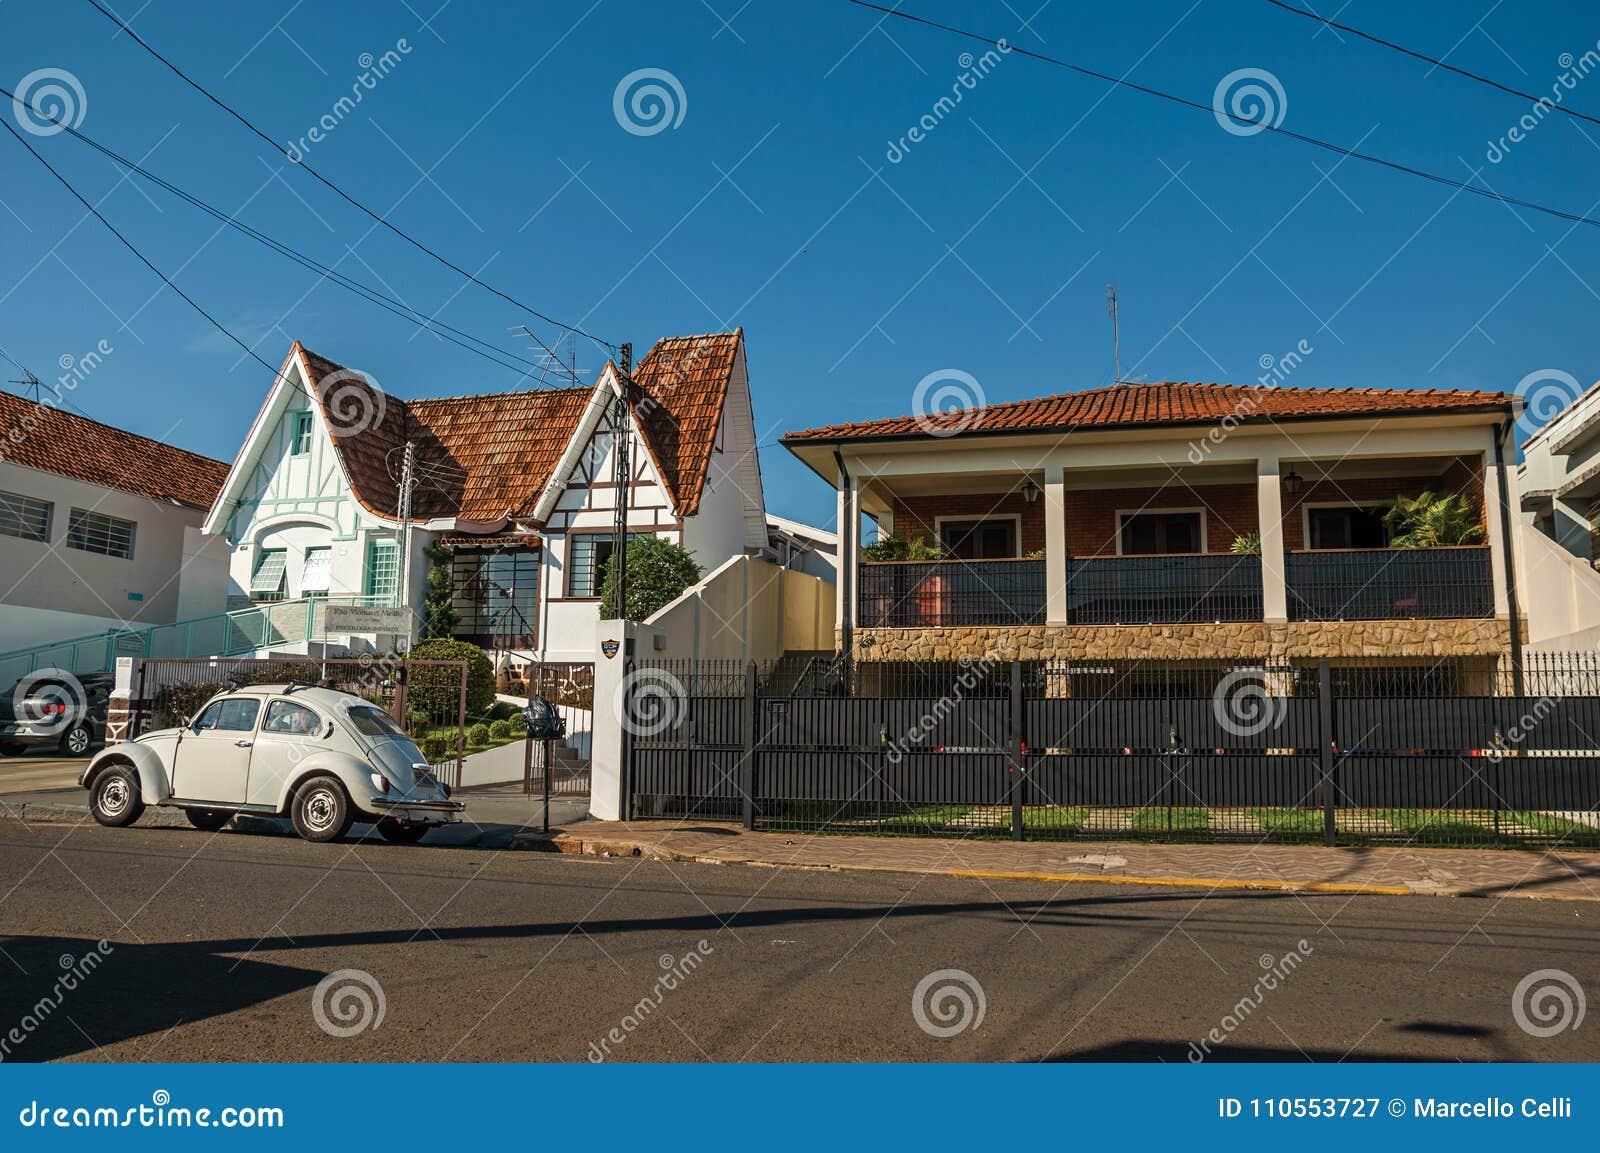 O grupo de casas na rua quieta com um carro do besouro estacionou na parte dianteira, em um dia ensolarado em São Manuel